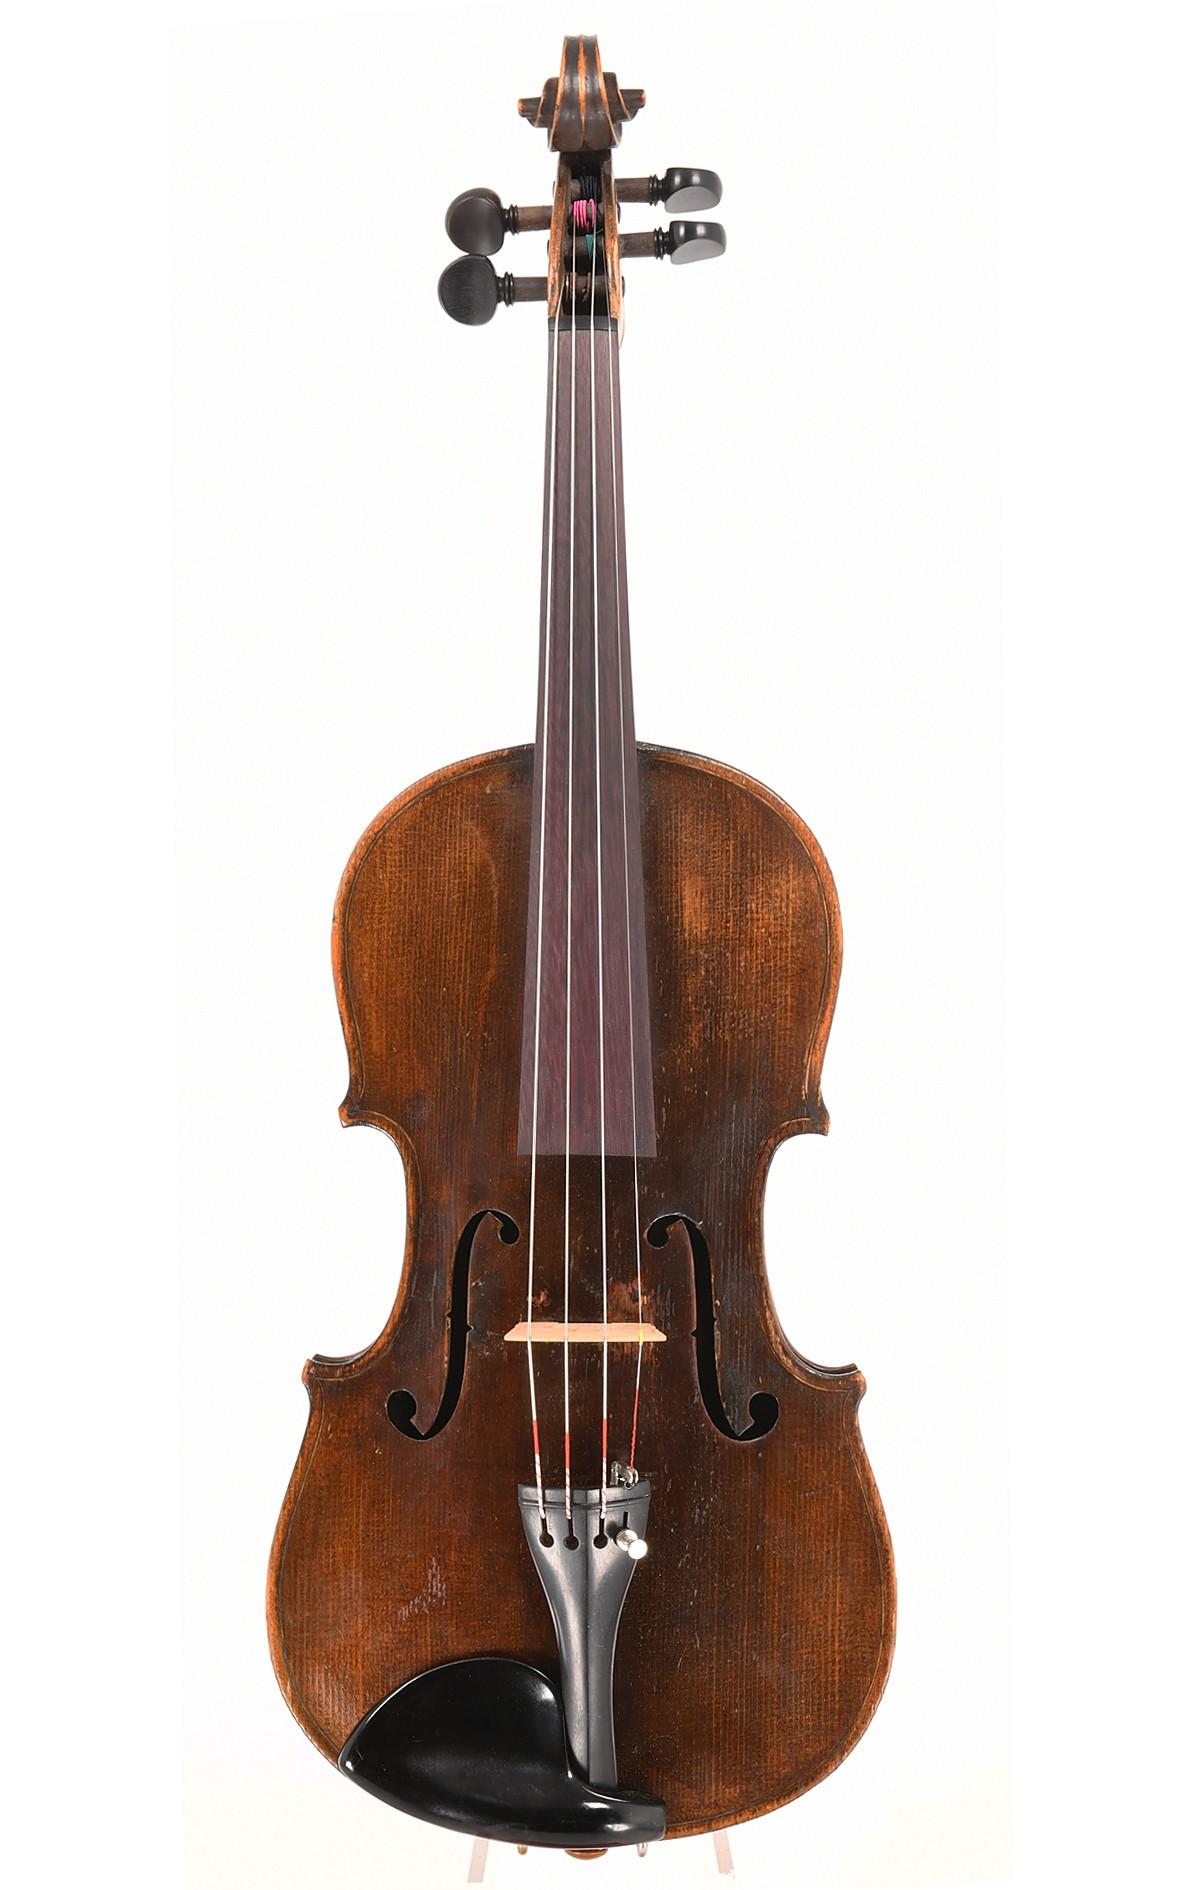 Antike böhmische Geige um 1820